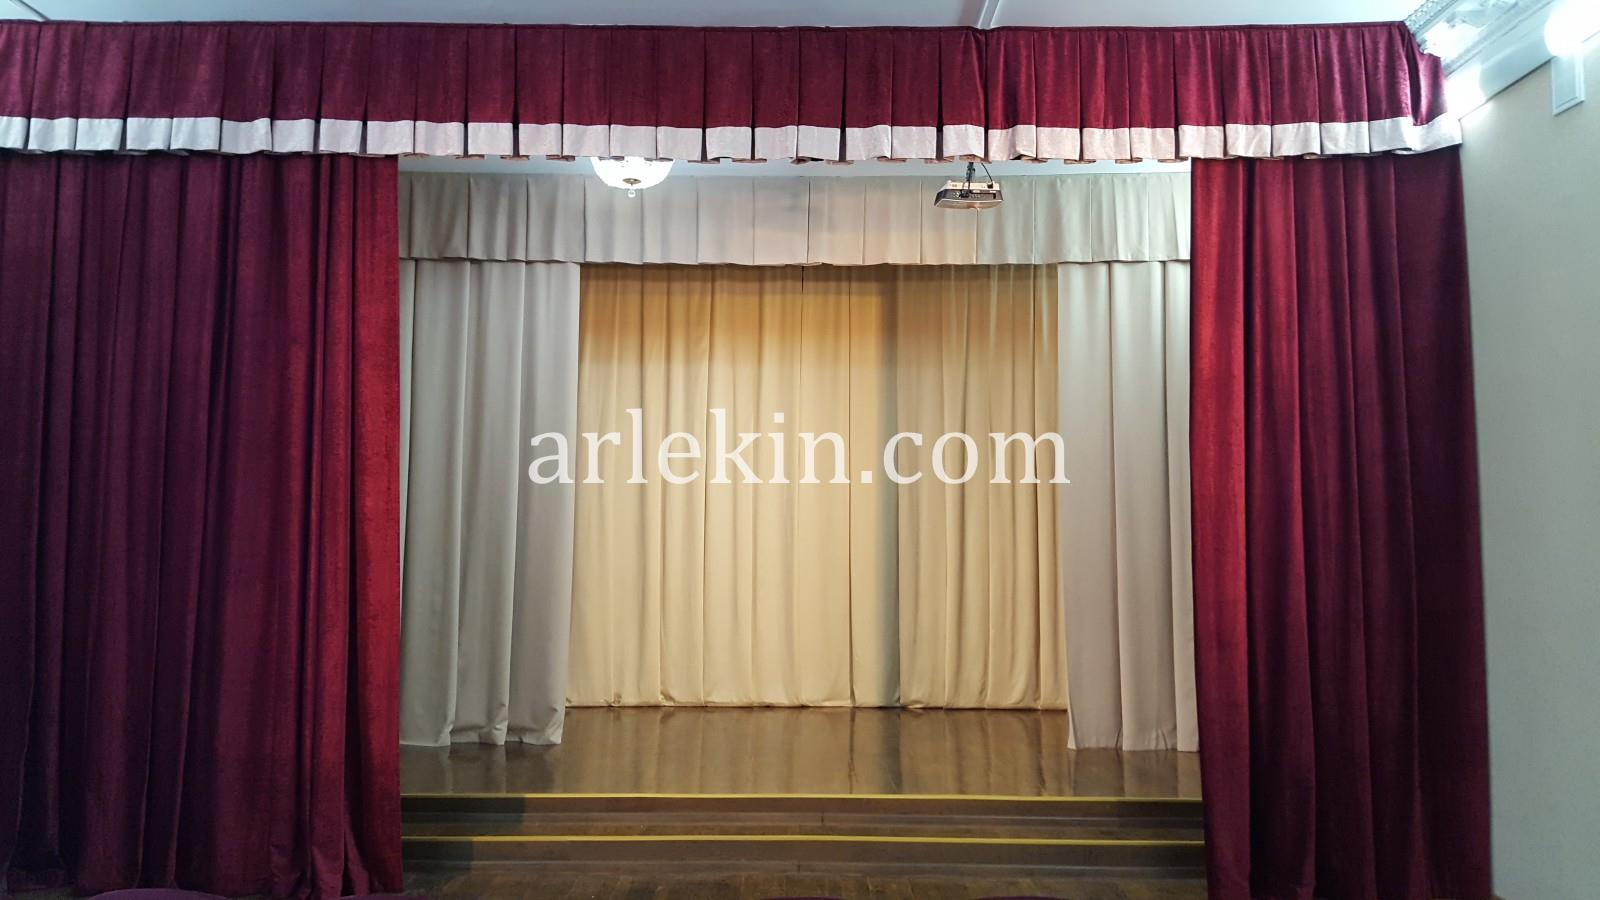 Одежда сцены - продажа и изготовление одежды сцены на заказ в Санкт ... 610c0052908b7